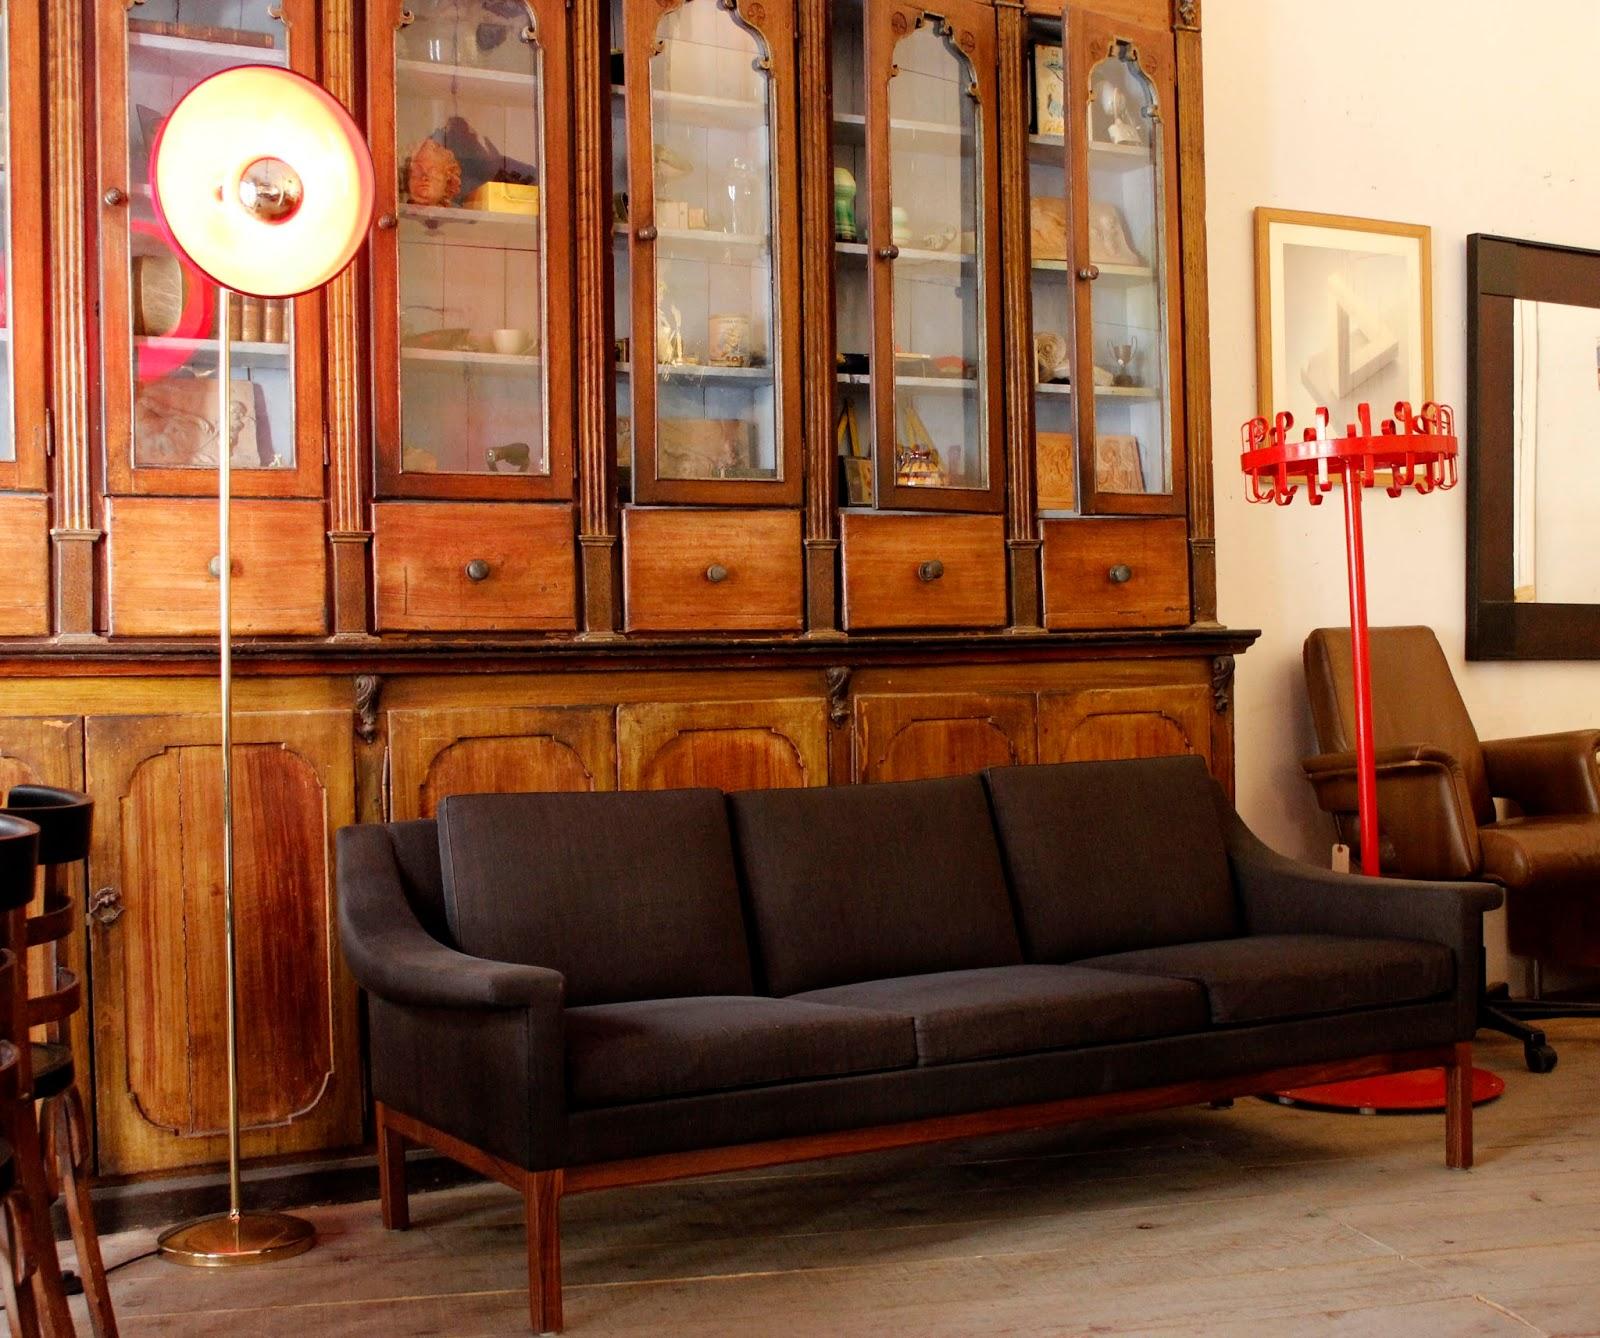 novedades en diseo y antigedades del siglo xx los mejores muebles vintage online